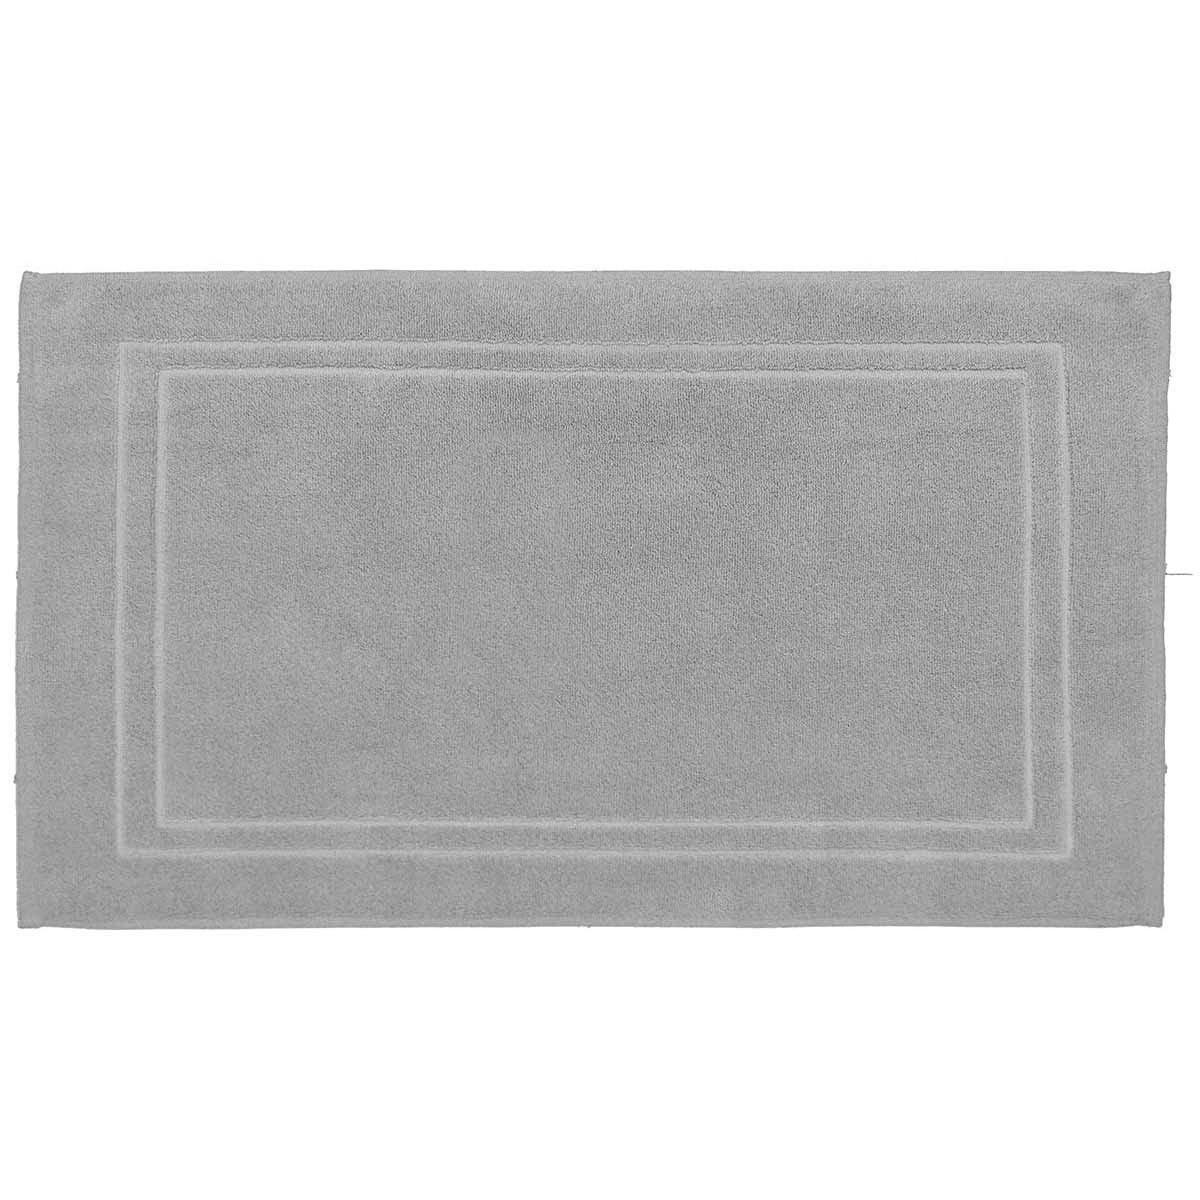 LUXURY - Tapis de bain 900gr/m²  Gris Perle 50x80 cm